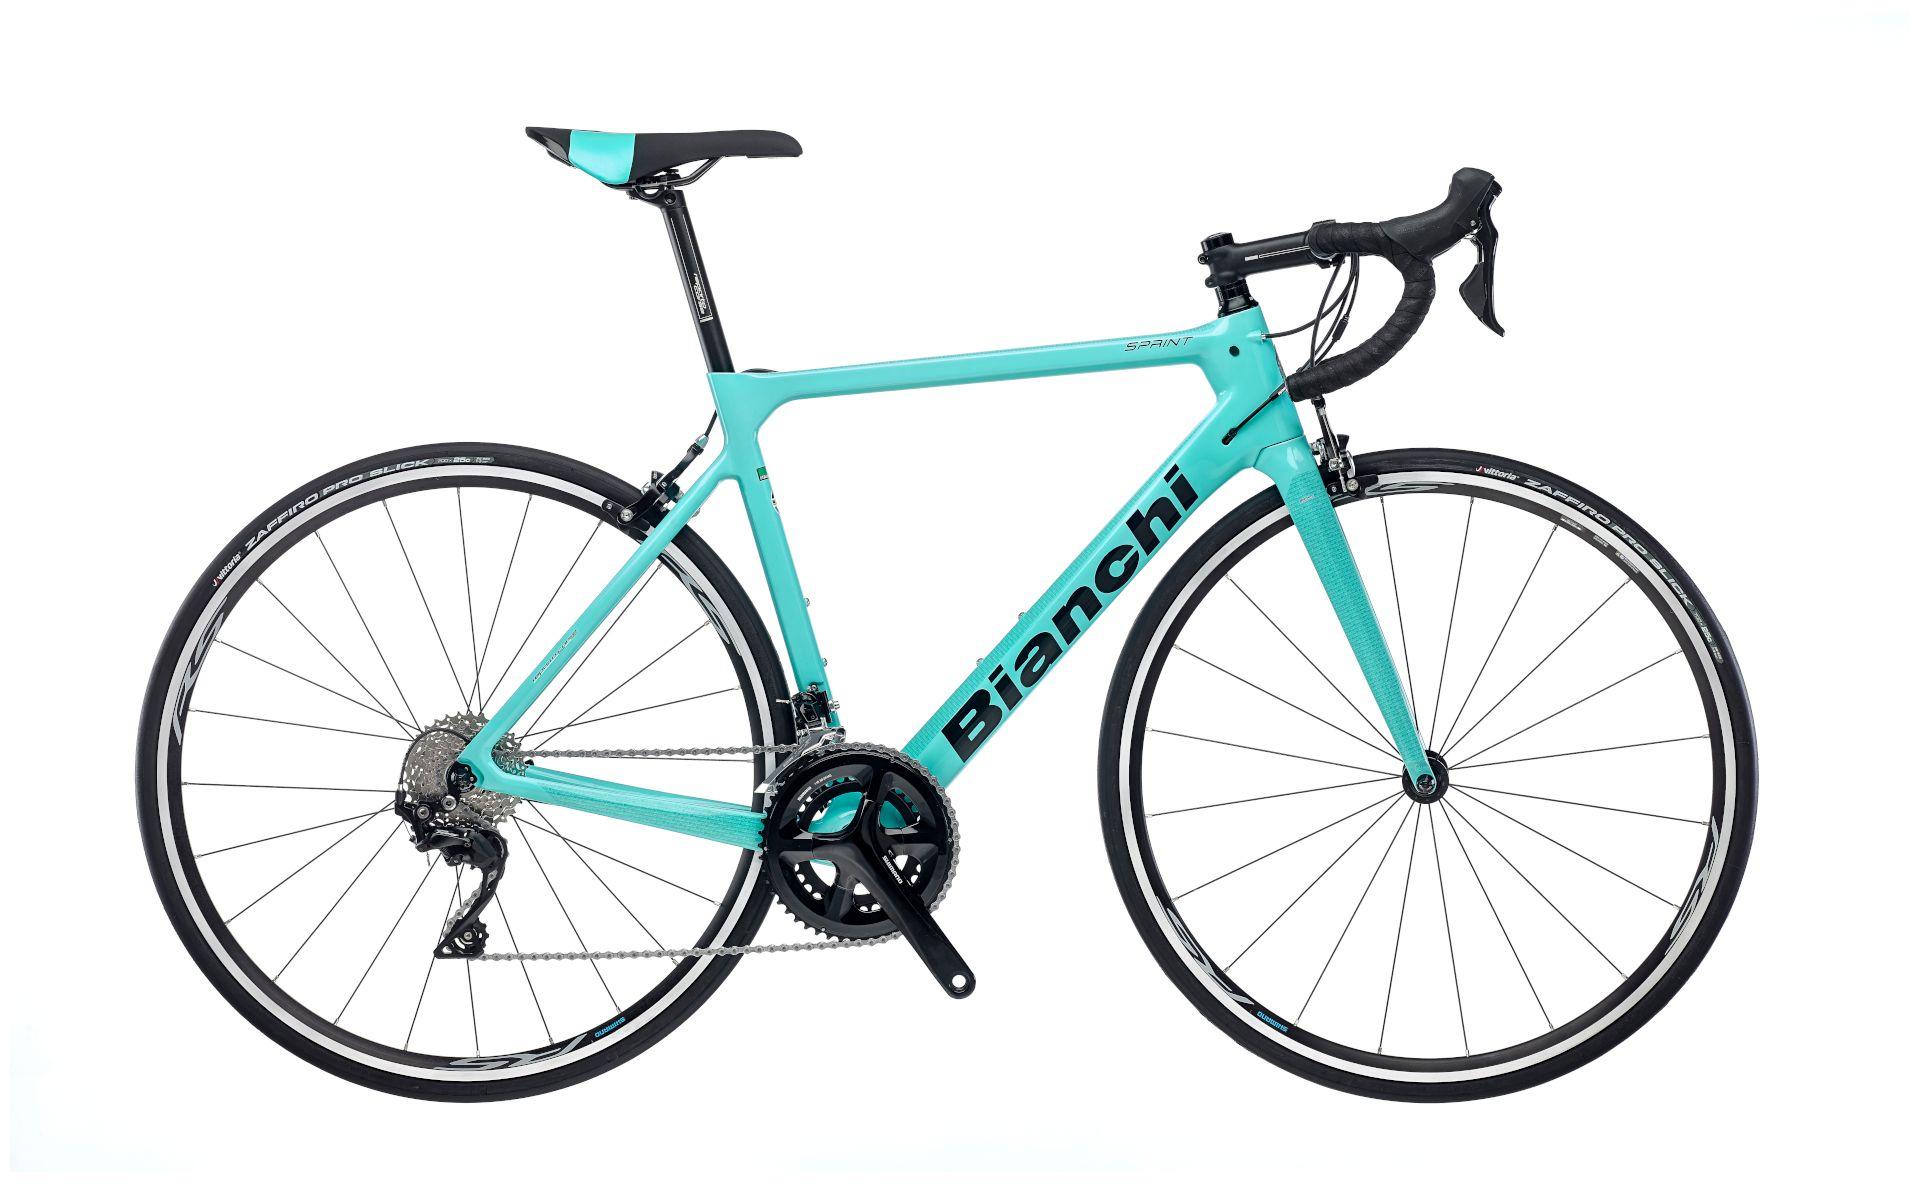 New Bianchi EOLO Road//MTB Bike Bicycle Handlebar Bar Tape Black